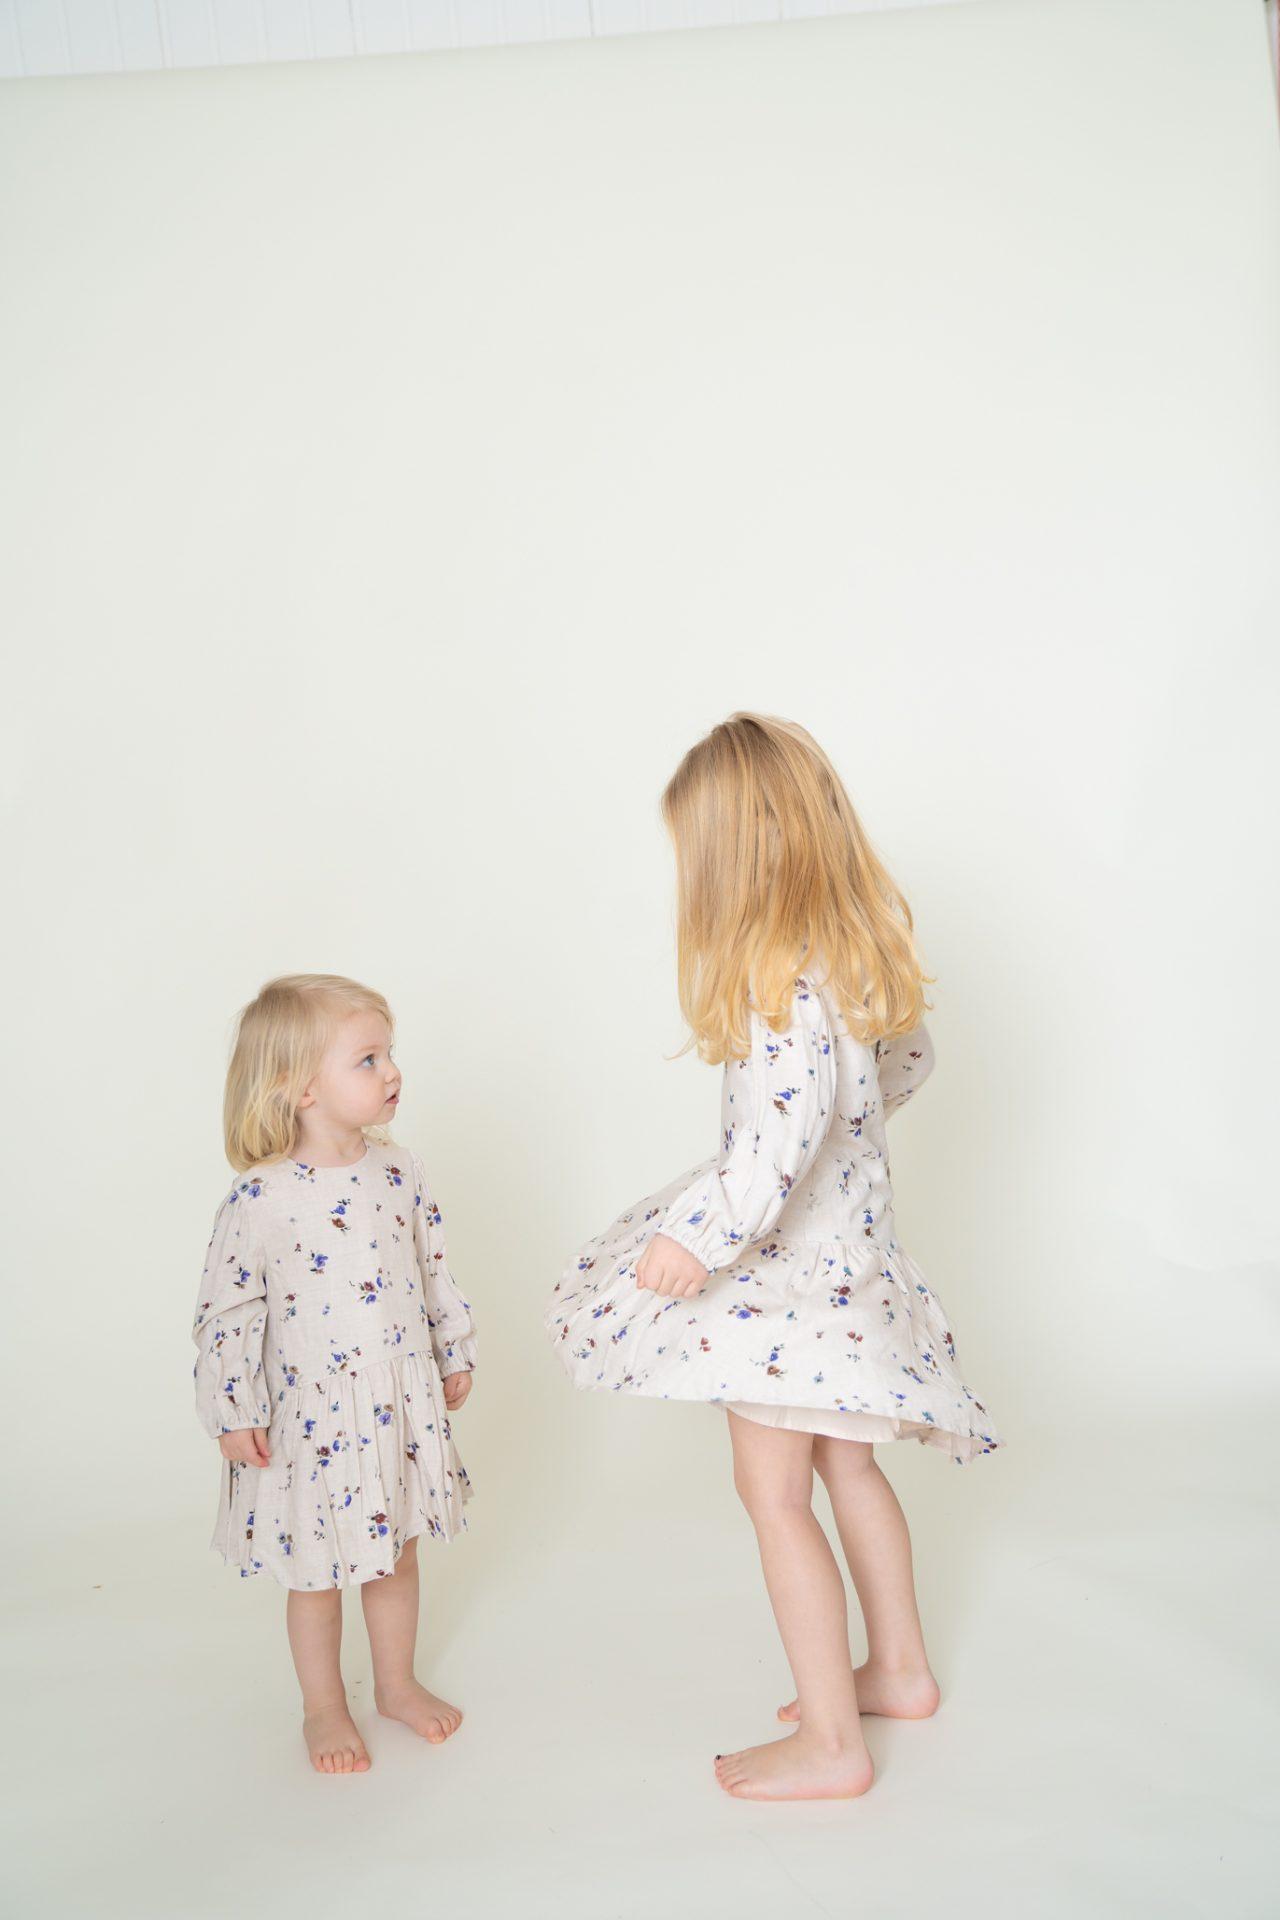 Fotostudio in Borchen spielende Kinder (23)